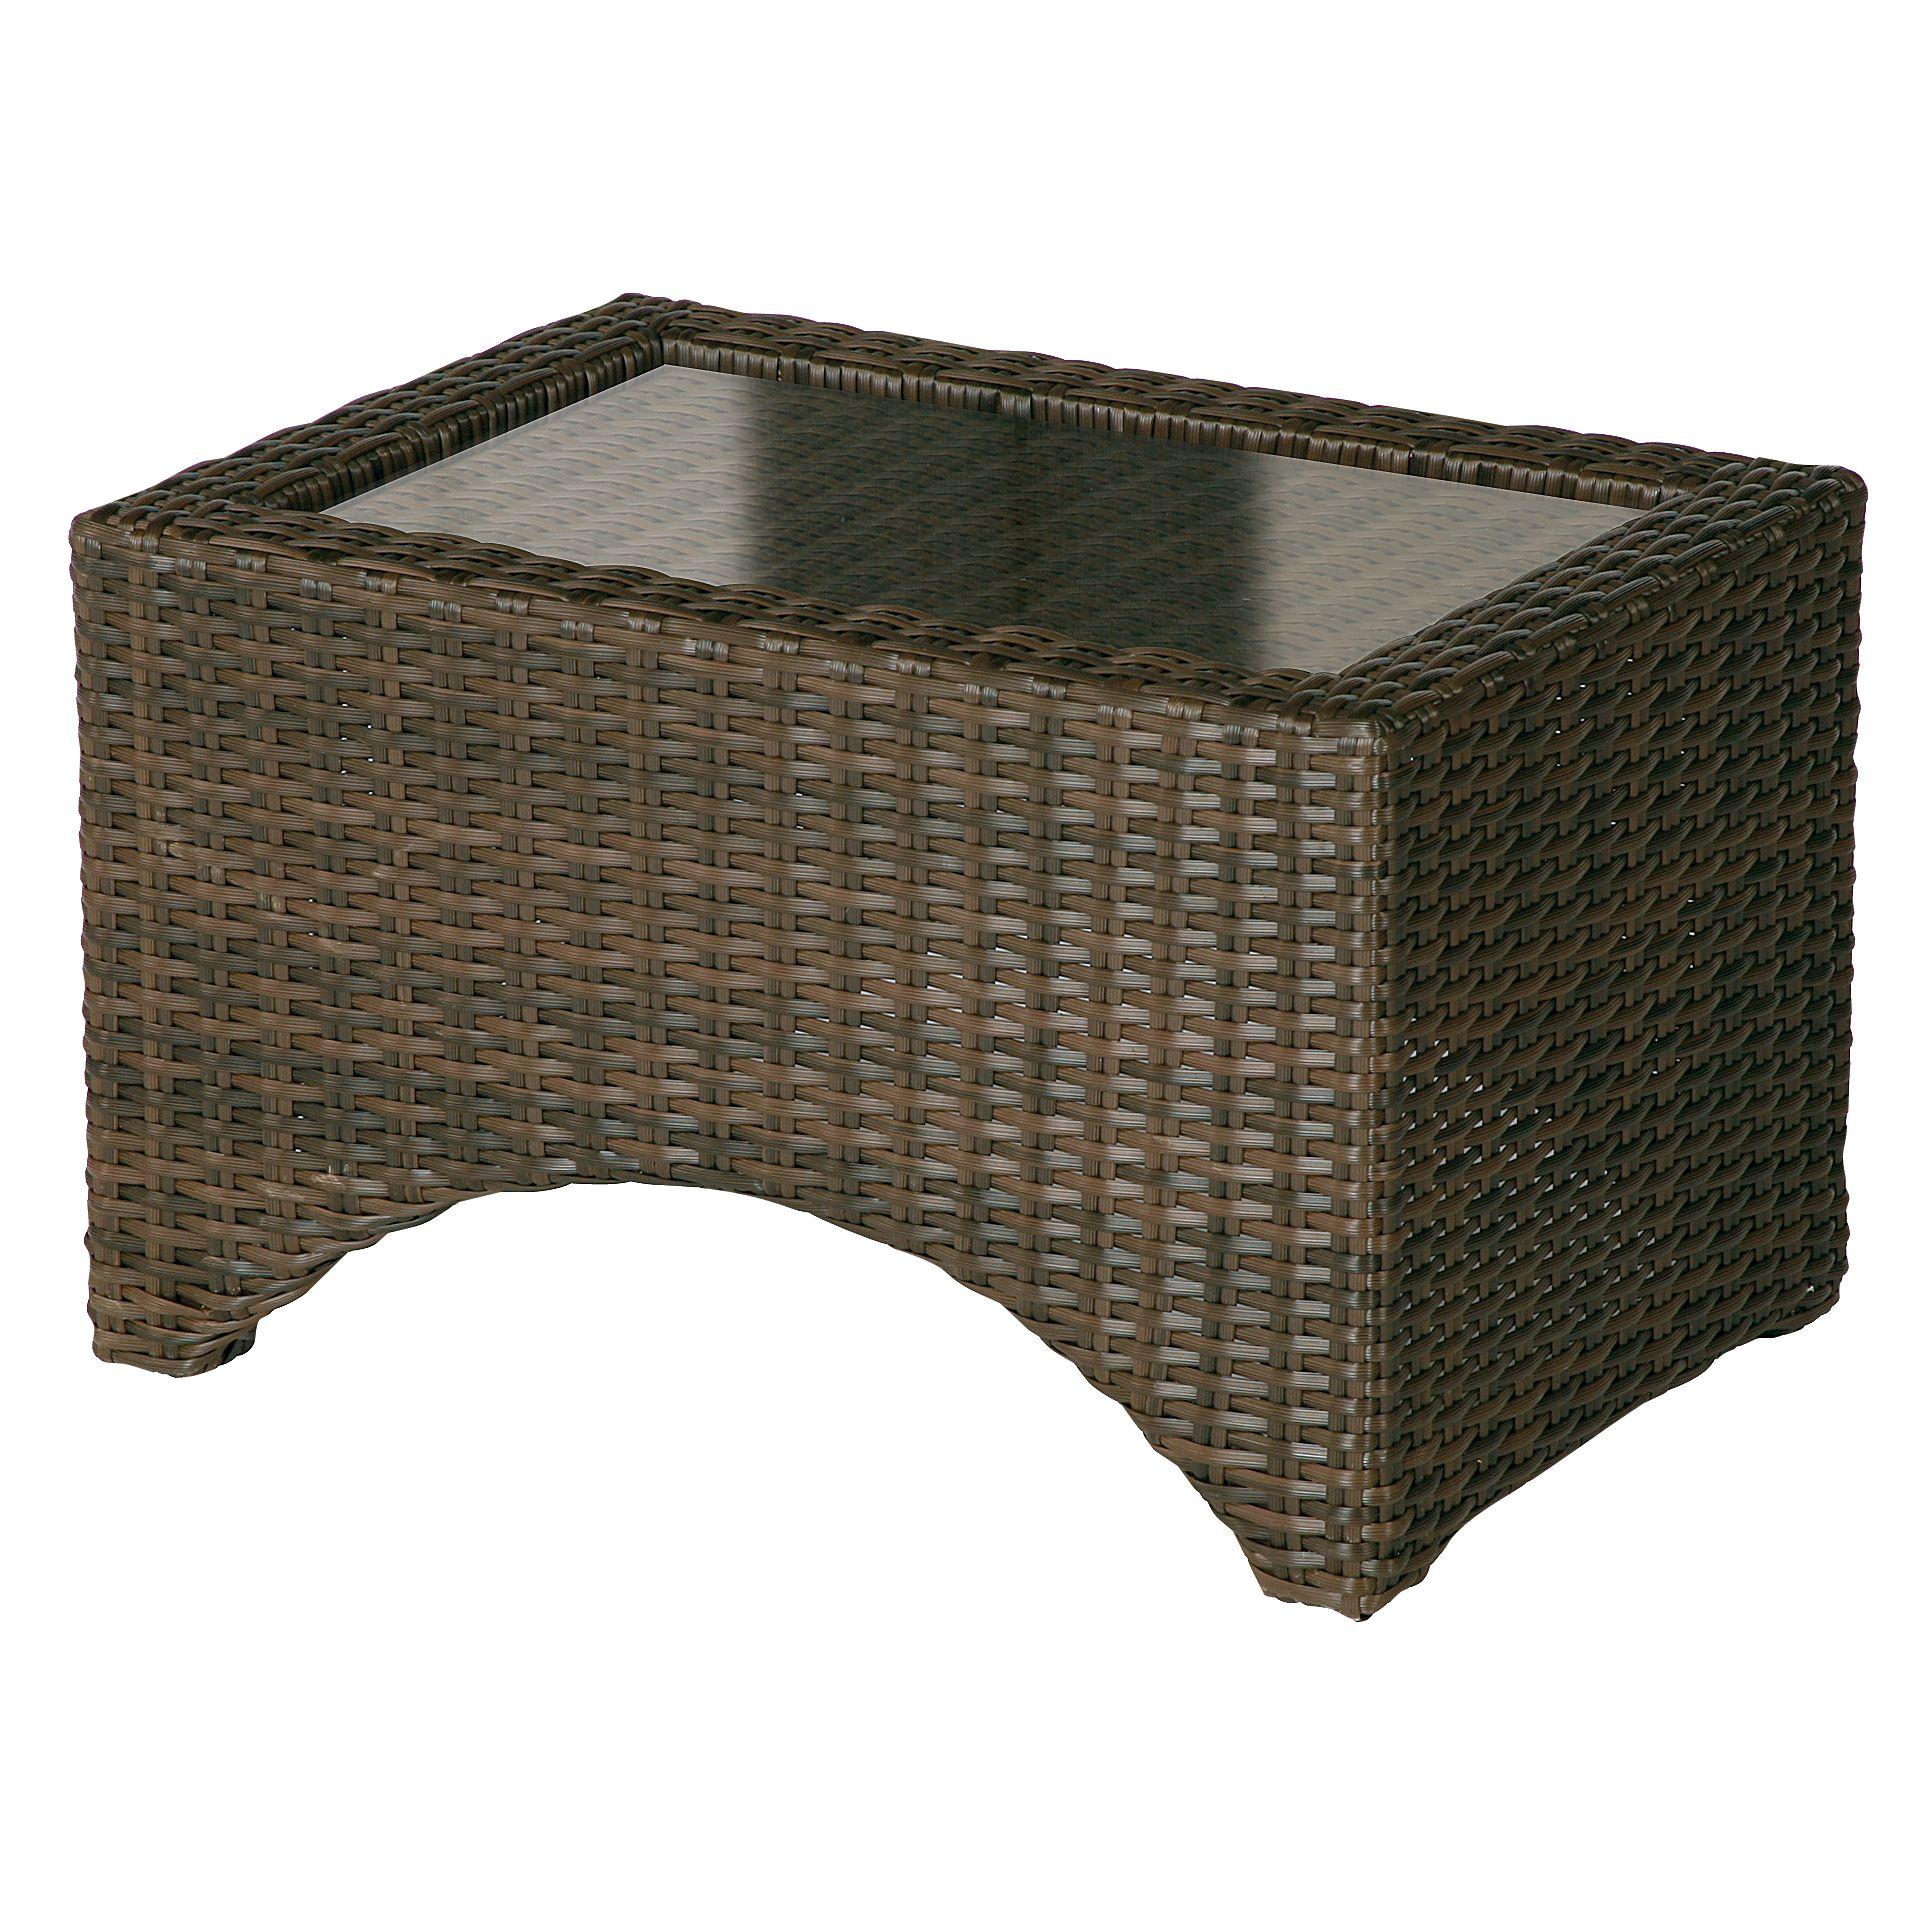 Barlow Tyrie Savannah Lounger Table